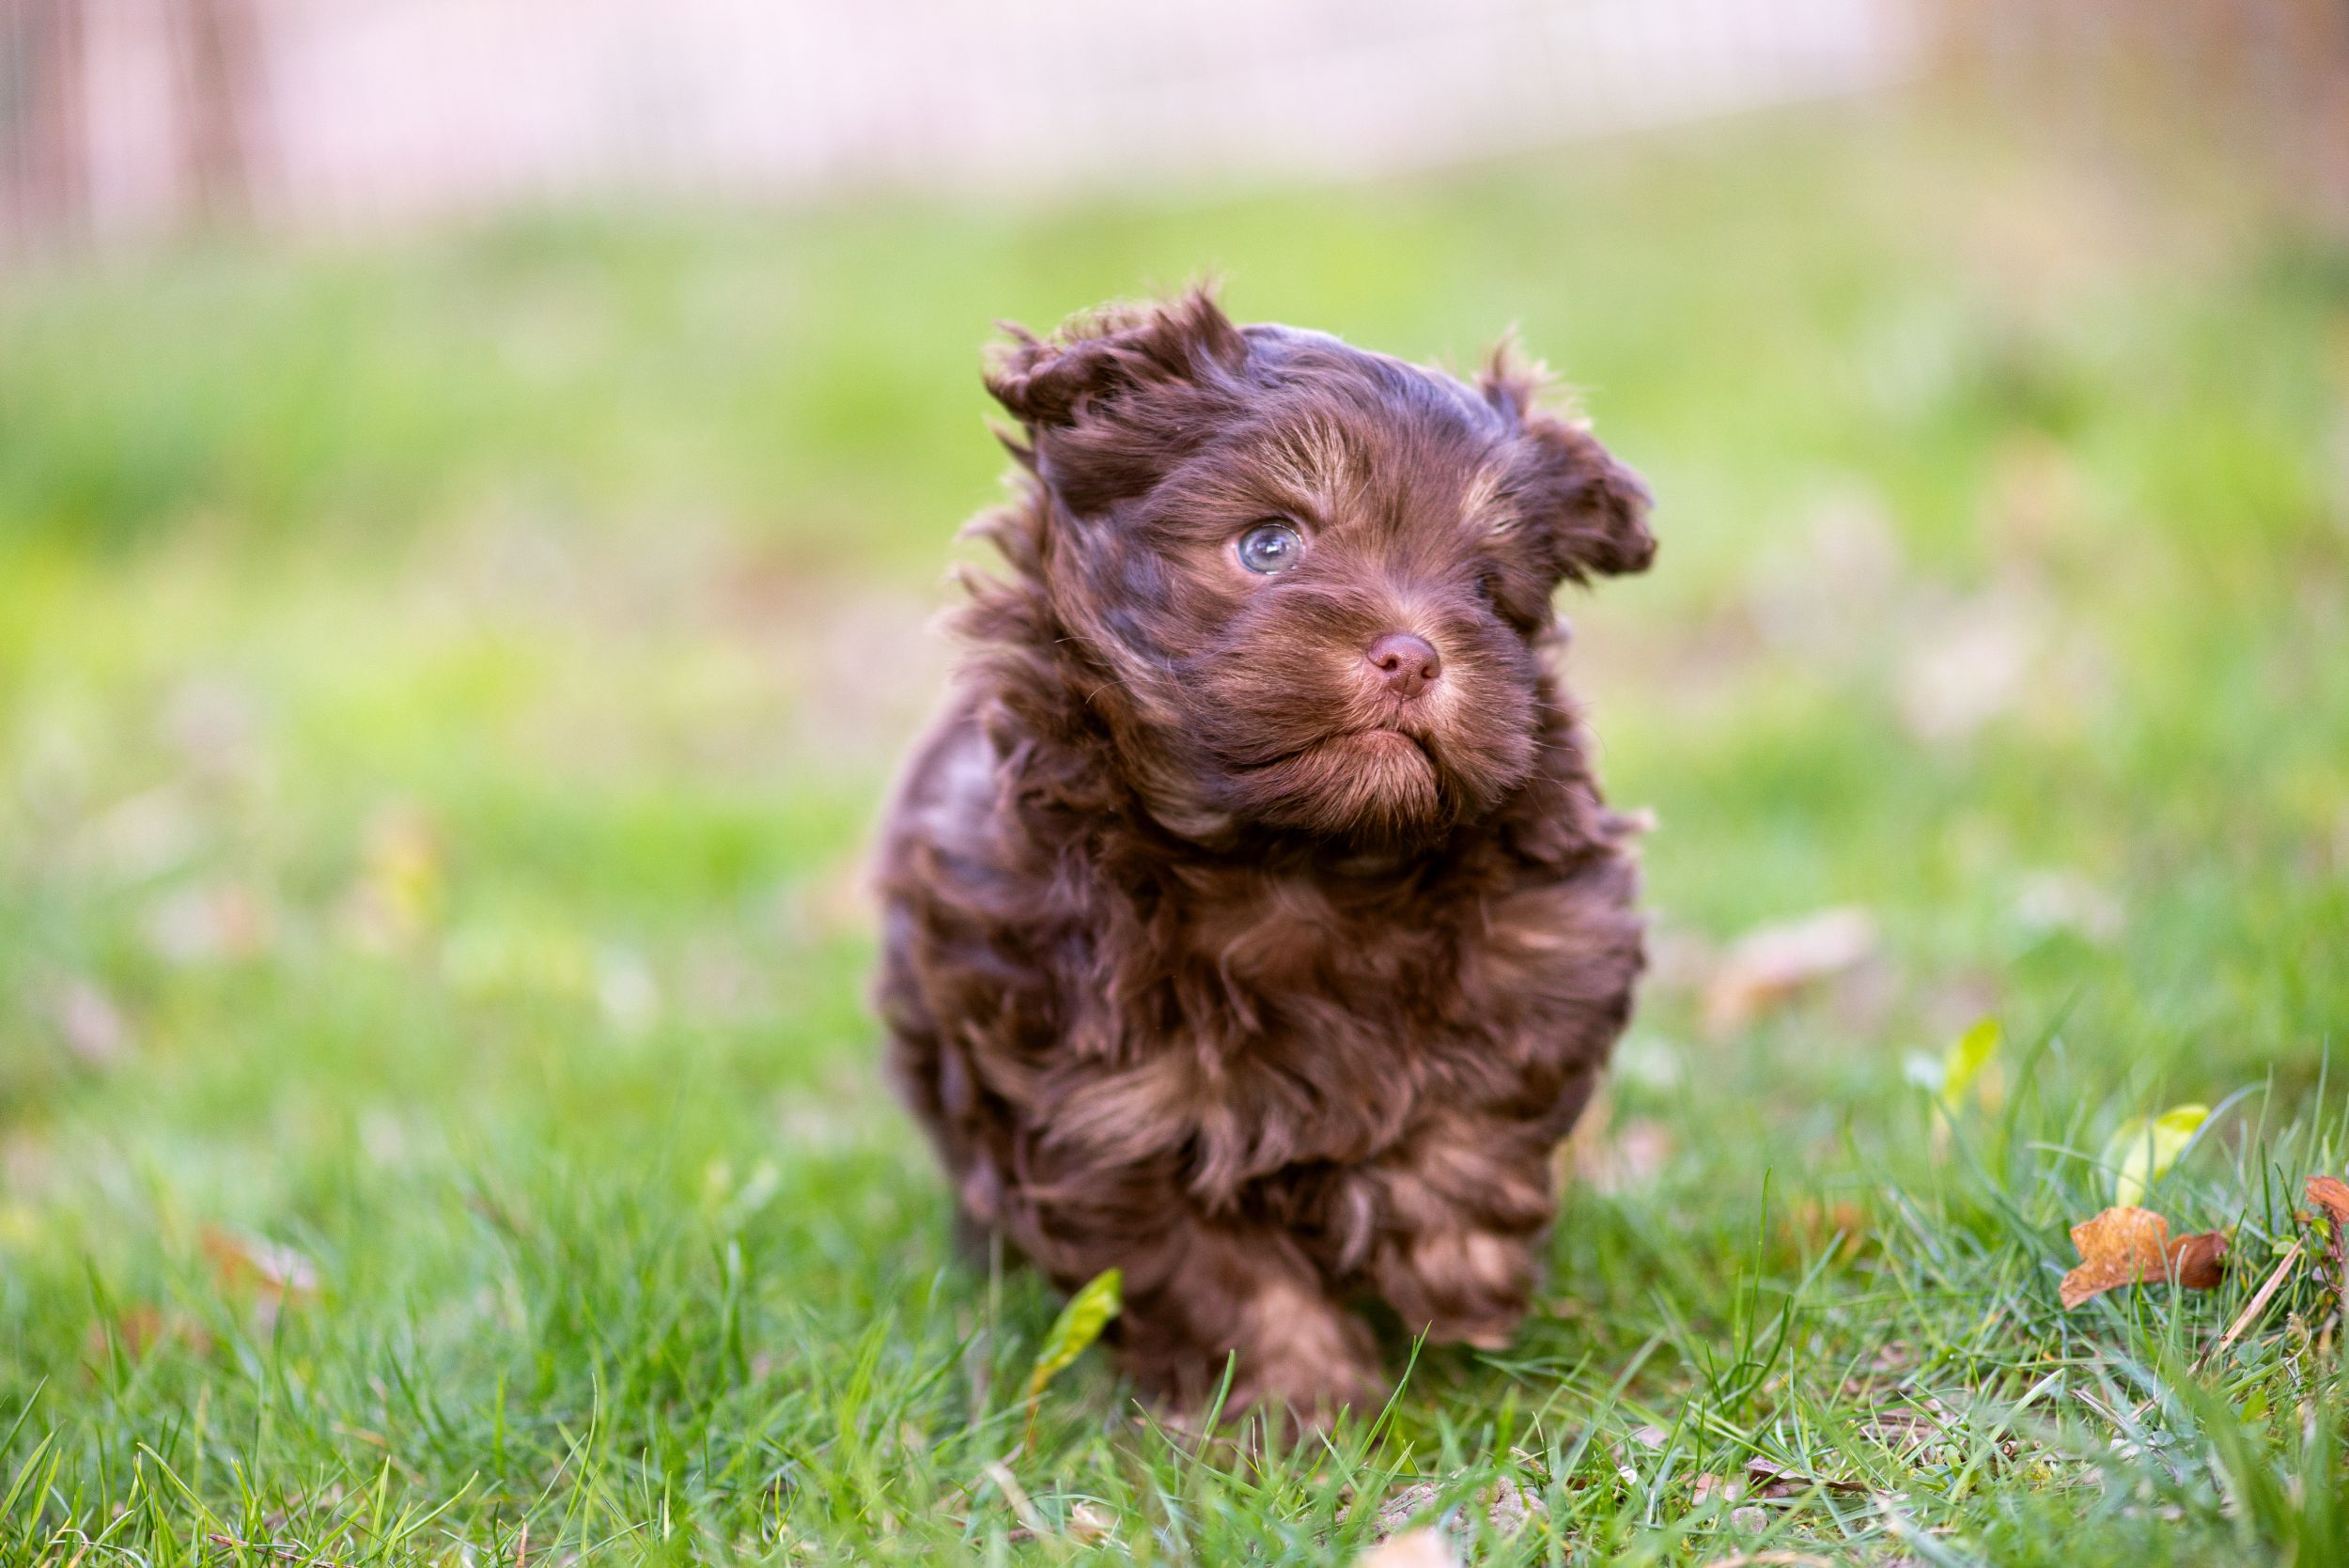 Dogilike.com :: 5 ทริคต้องรู้ ดูแลลูกสุนัขแรกเกิดให้เติบโตแข็งแรง!